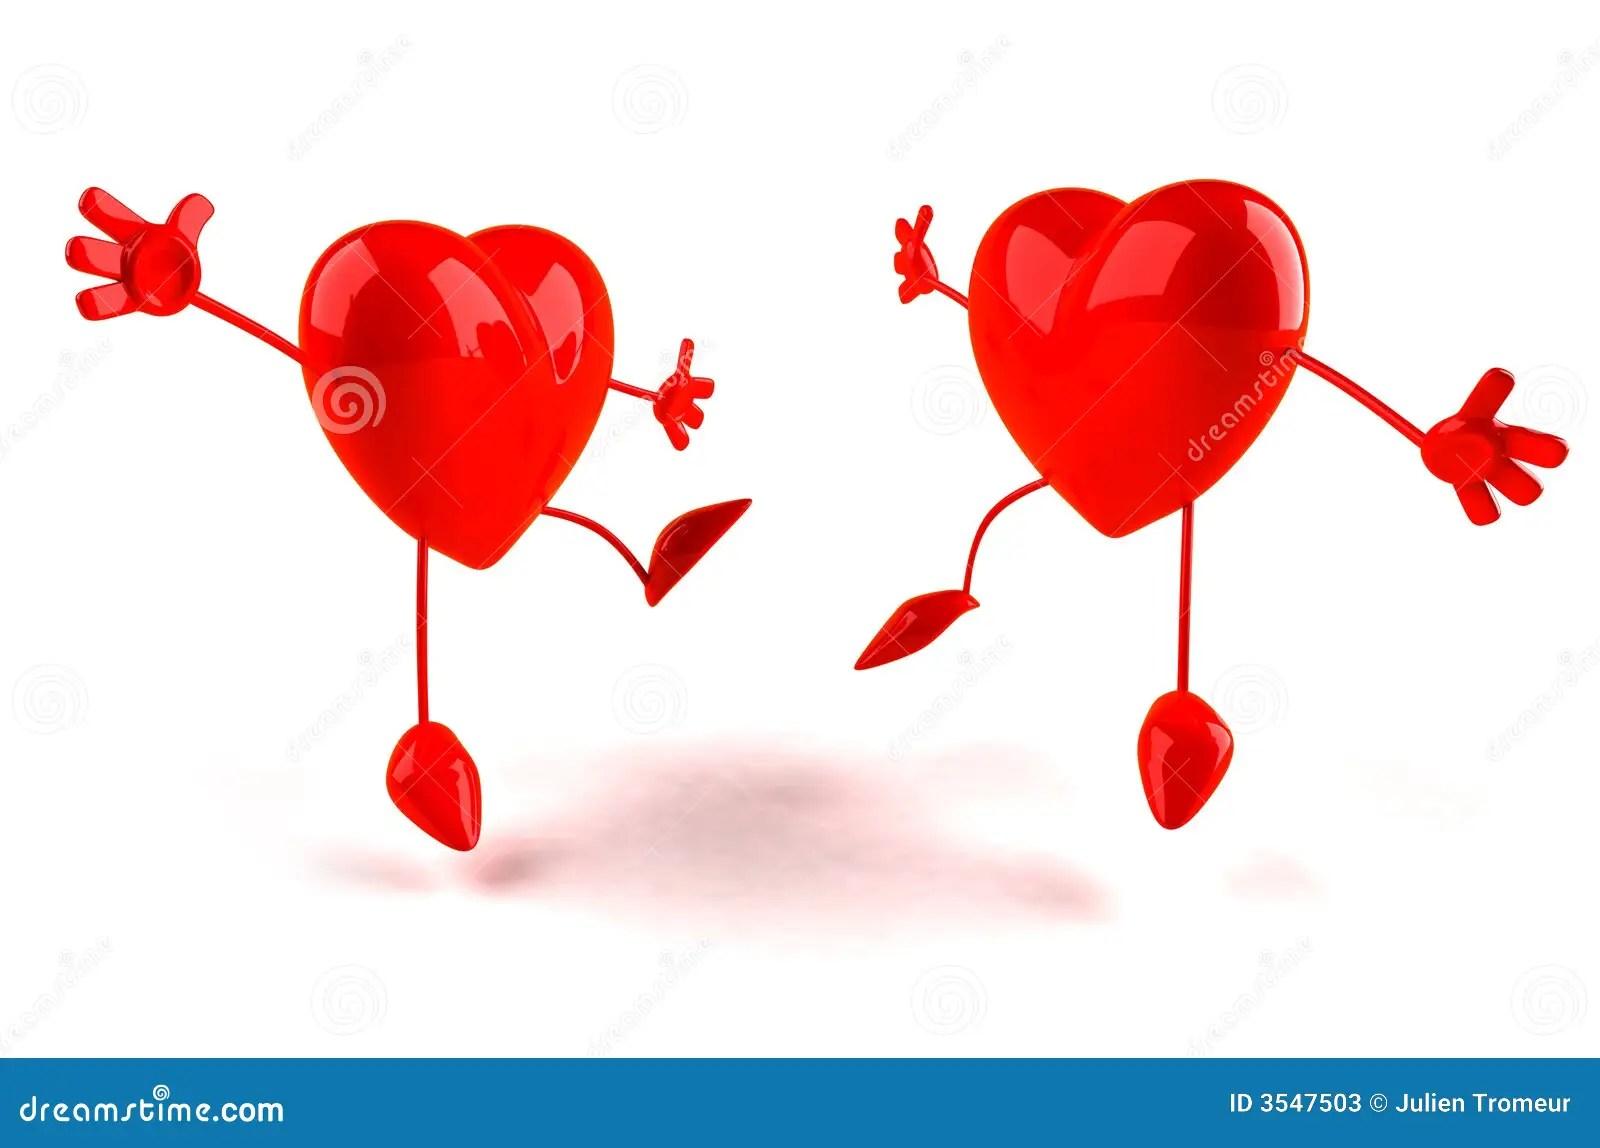 Happy Hearts Stock Photos Image 3547503